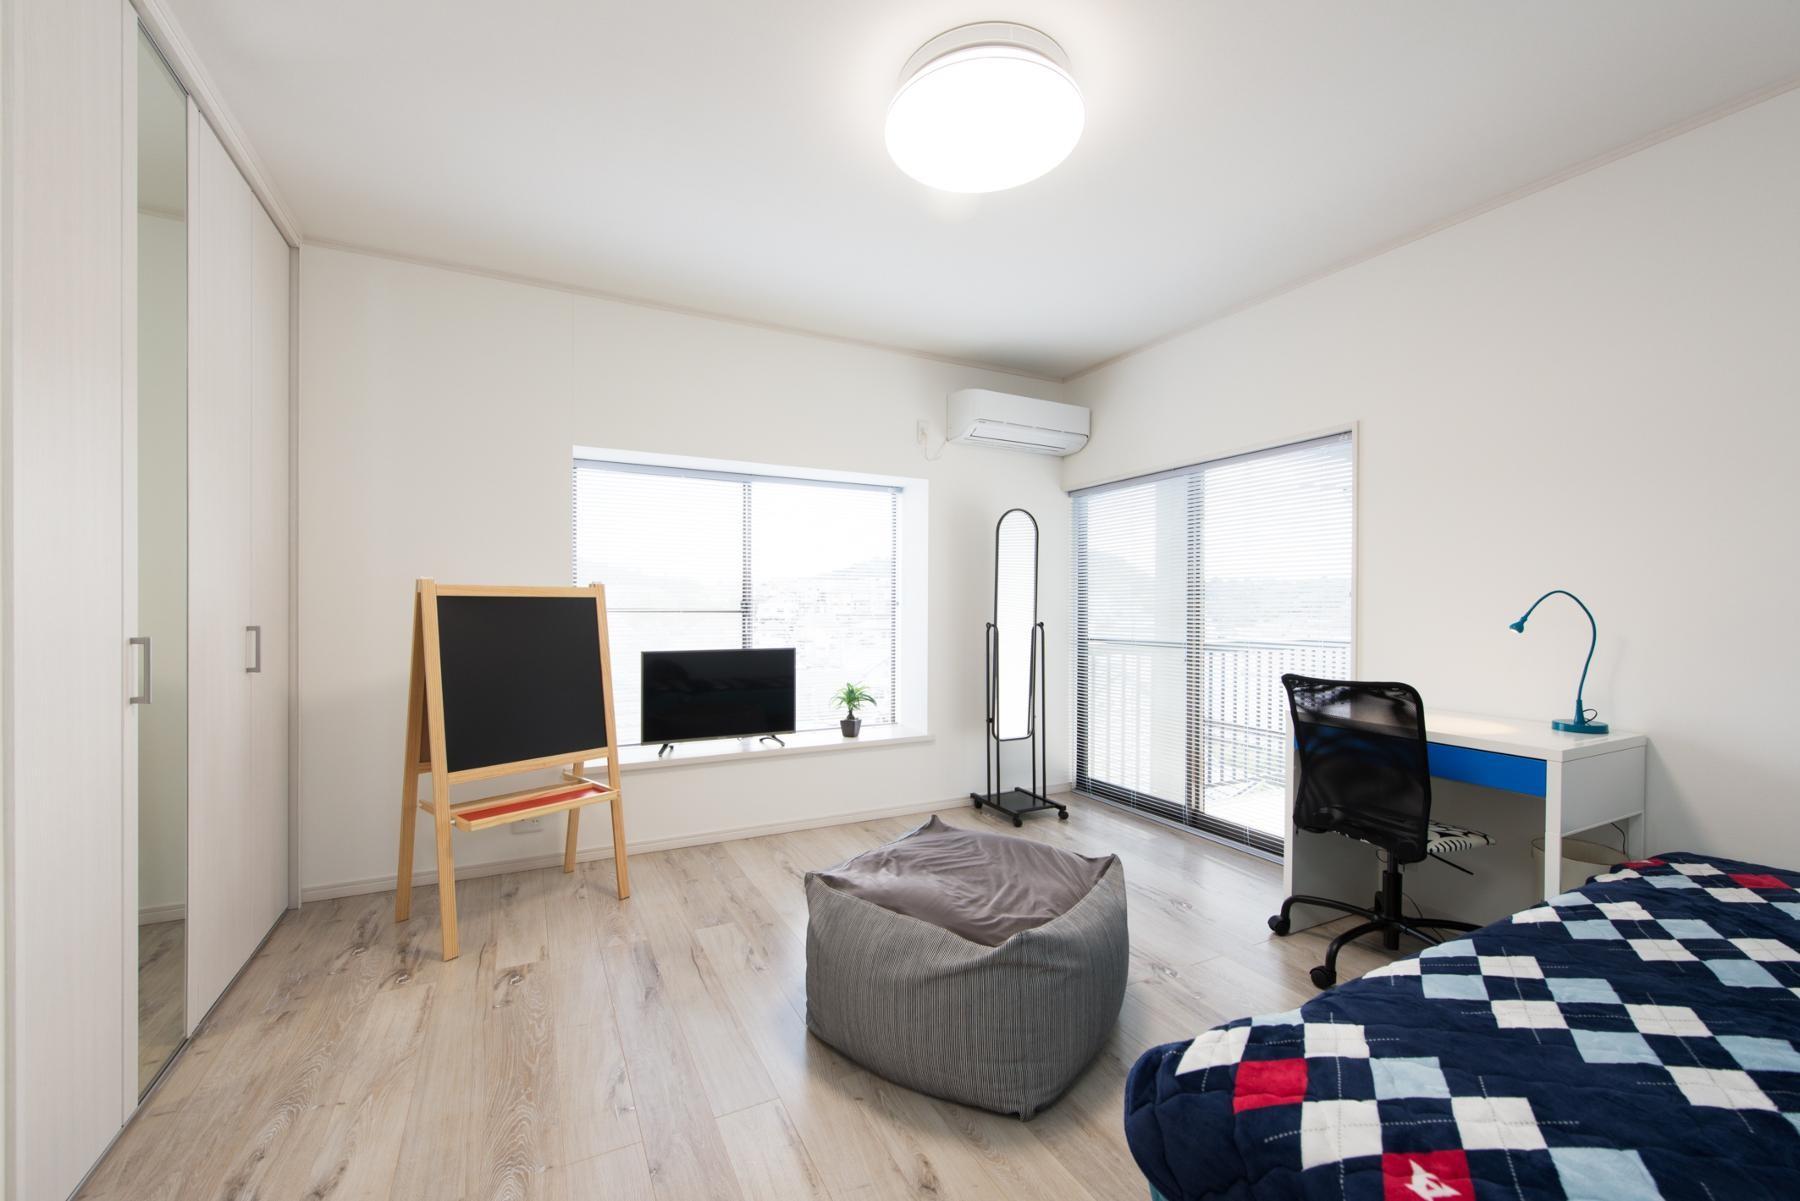 ベッドルーム事例:洋室(お母様と同居&趣味も楽しめる!戸建て全面リフォーム)